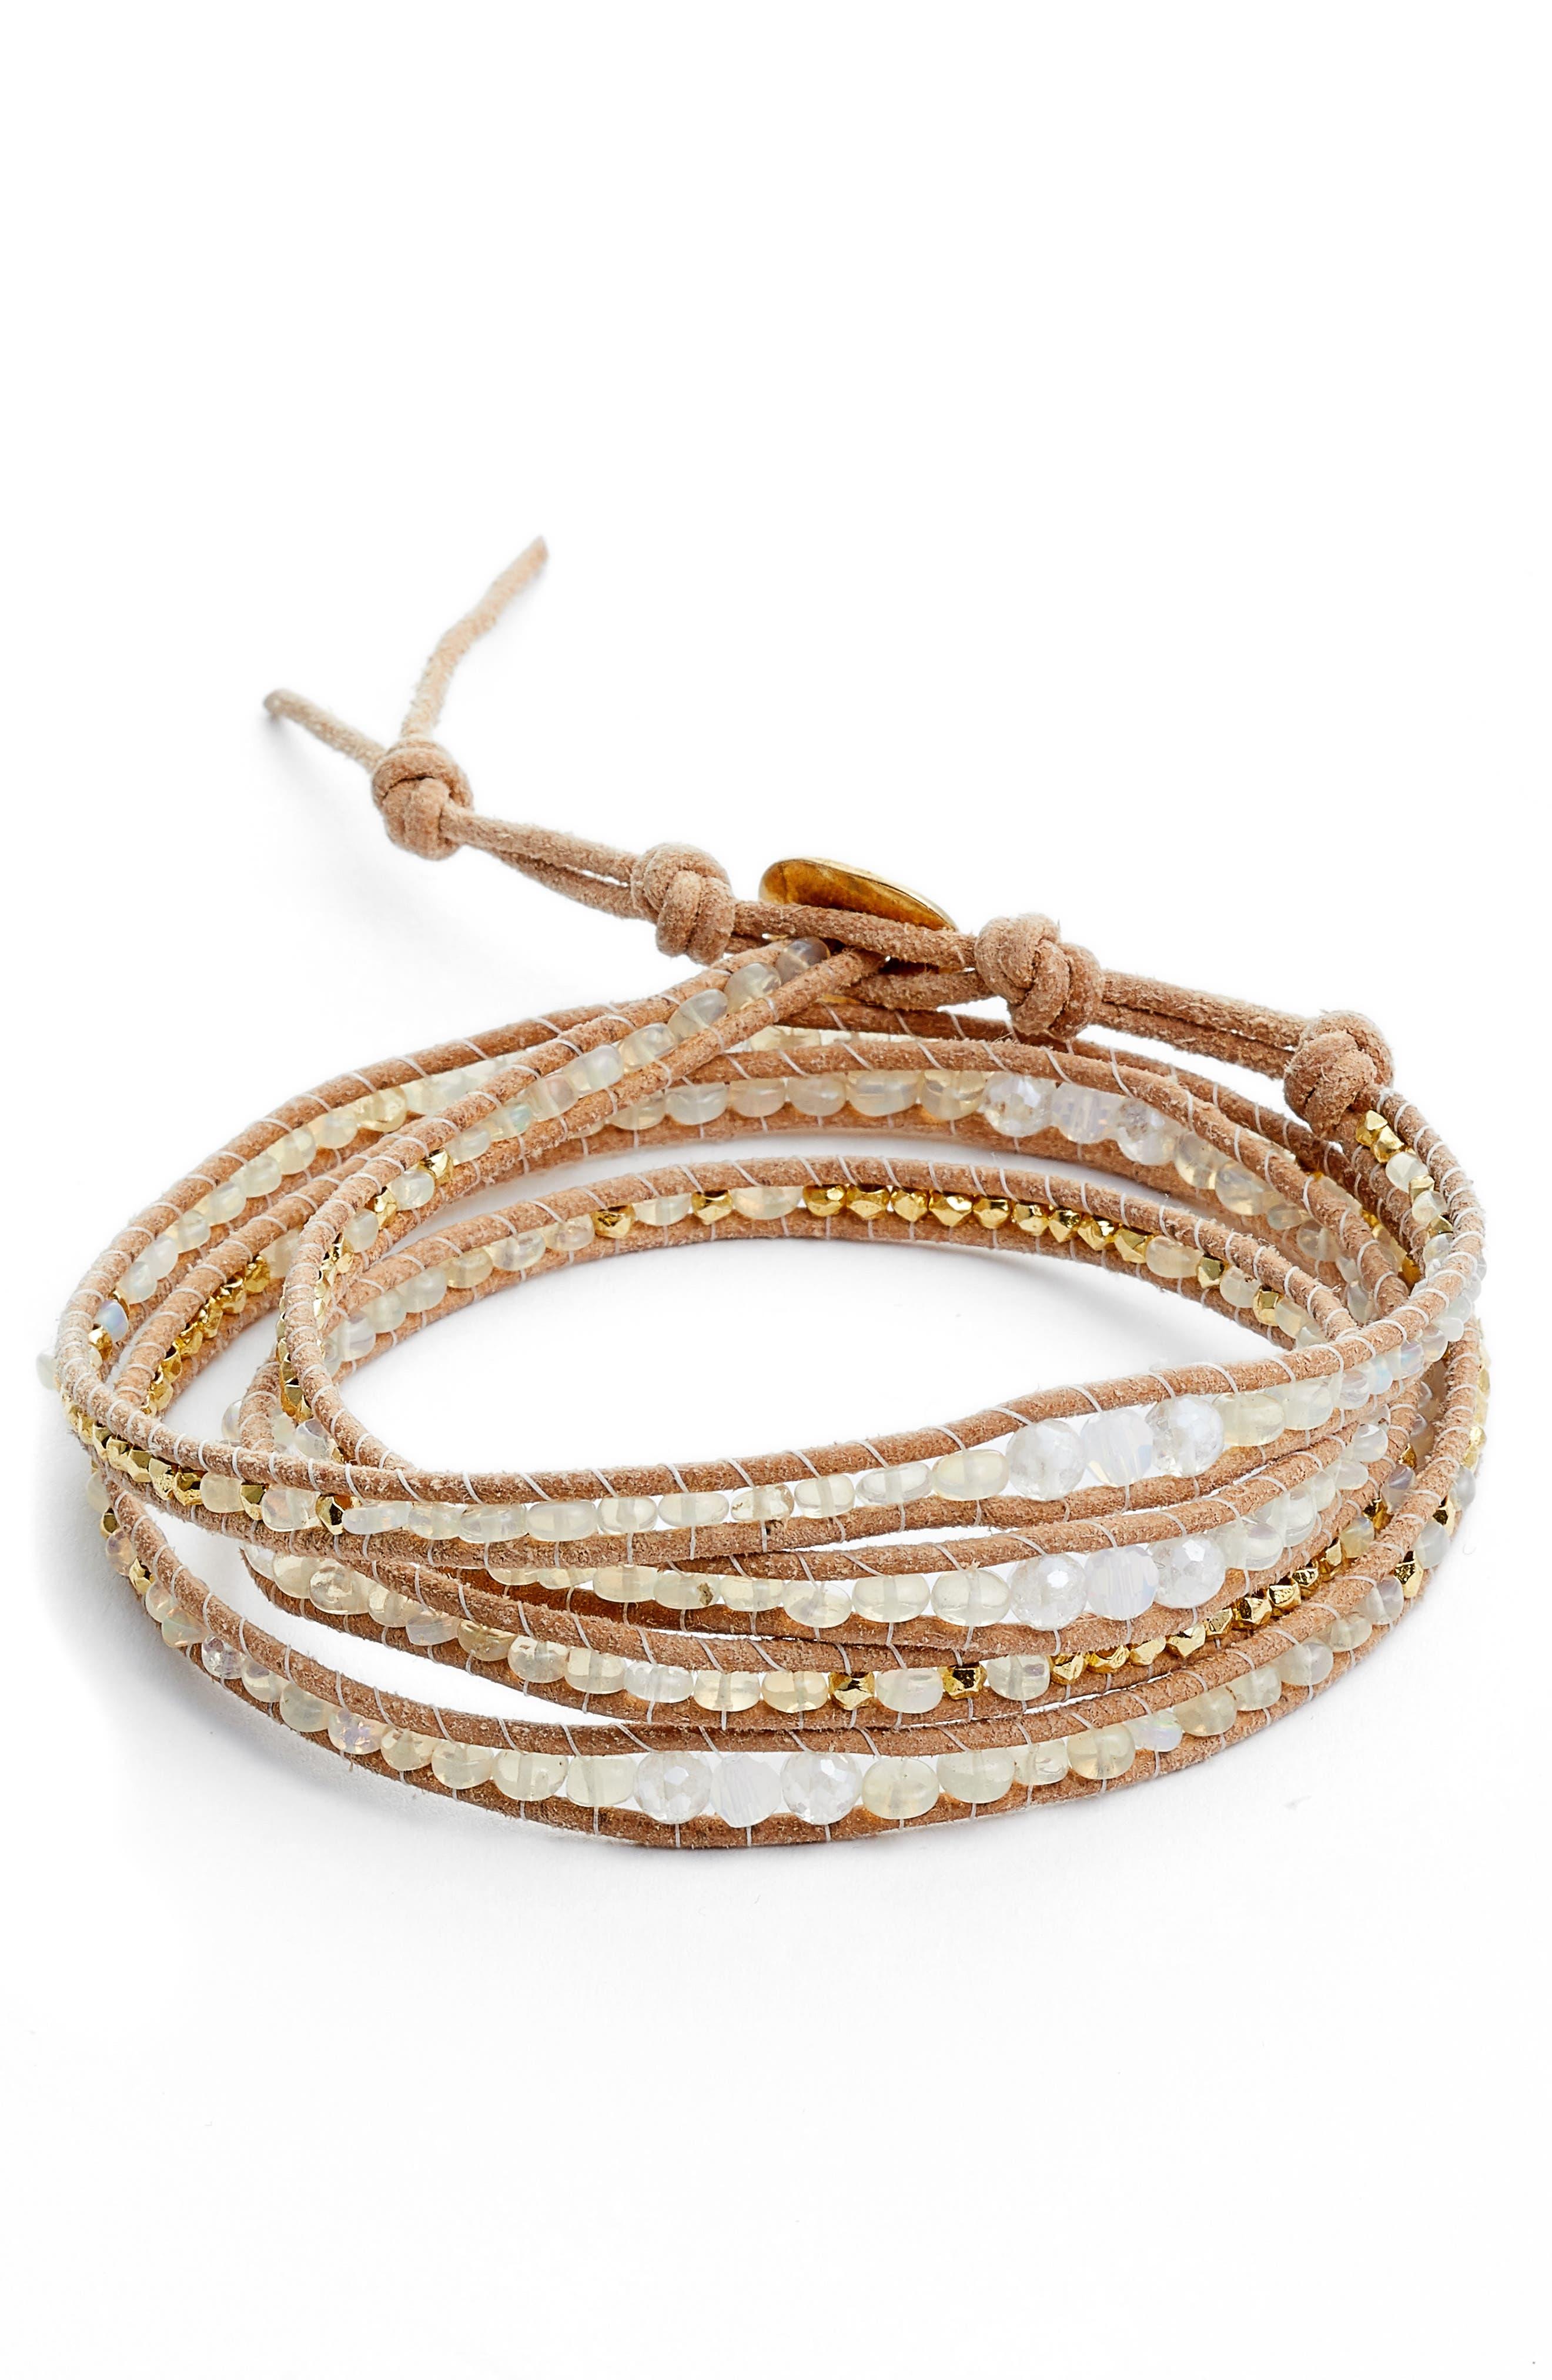 Mystic Clear Quartz Mix Wrap Bracelet,                         Main,                         color, Mystic Clear Mix